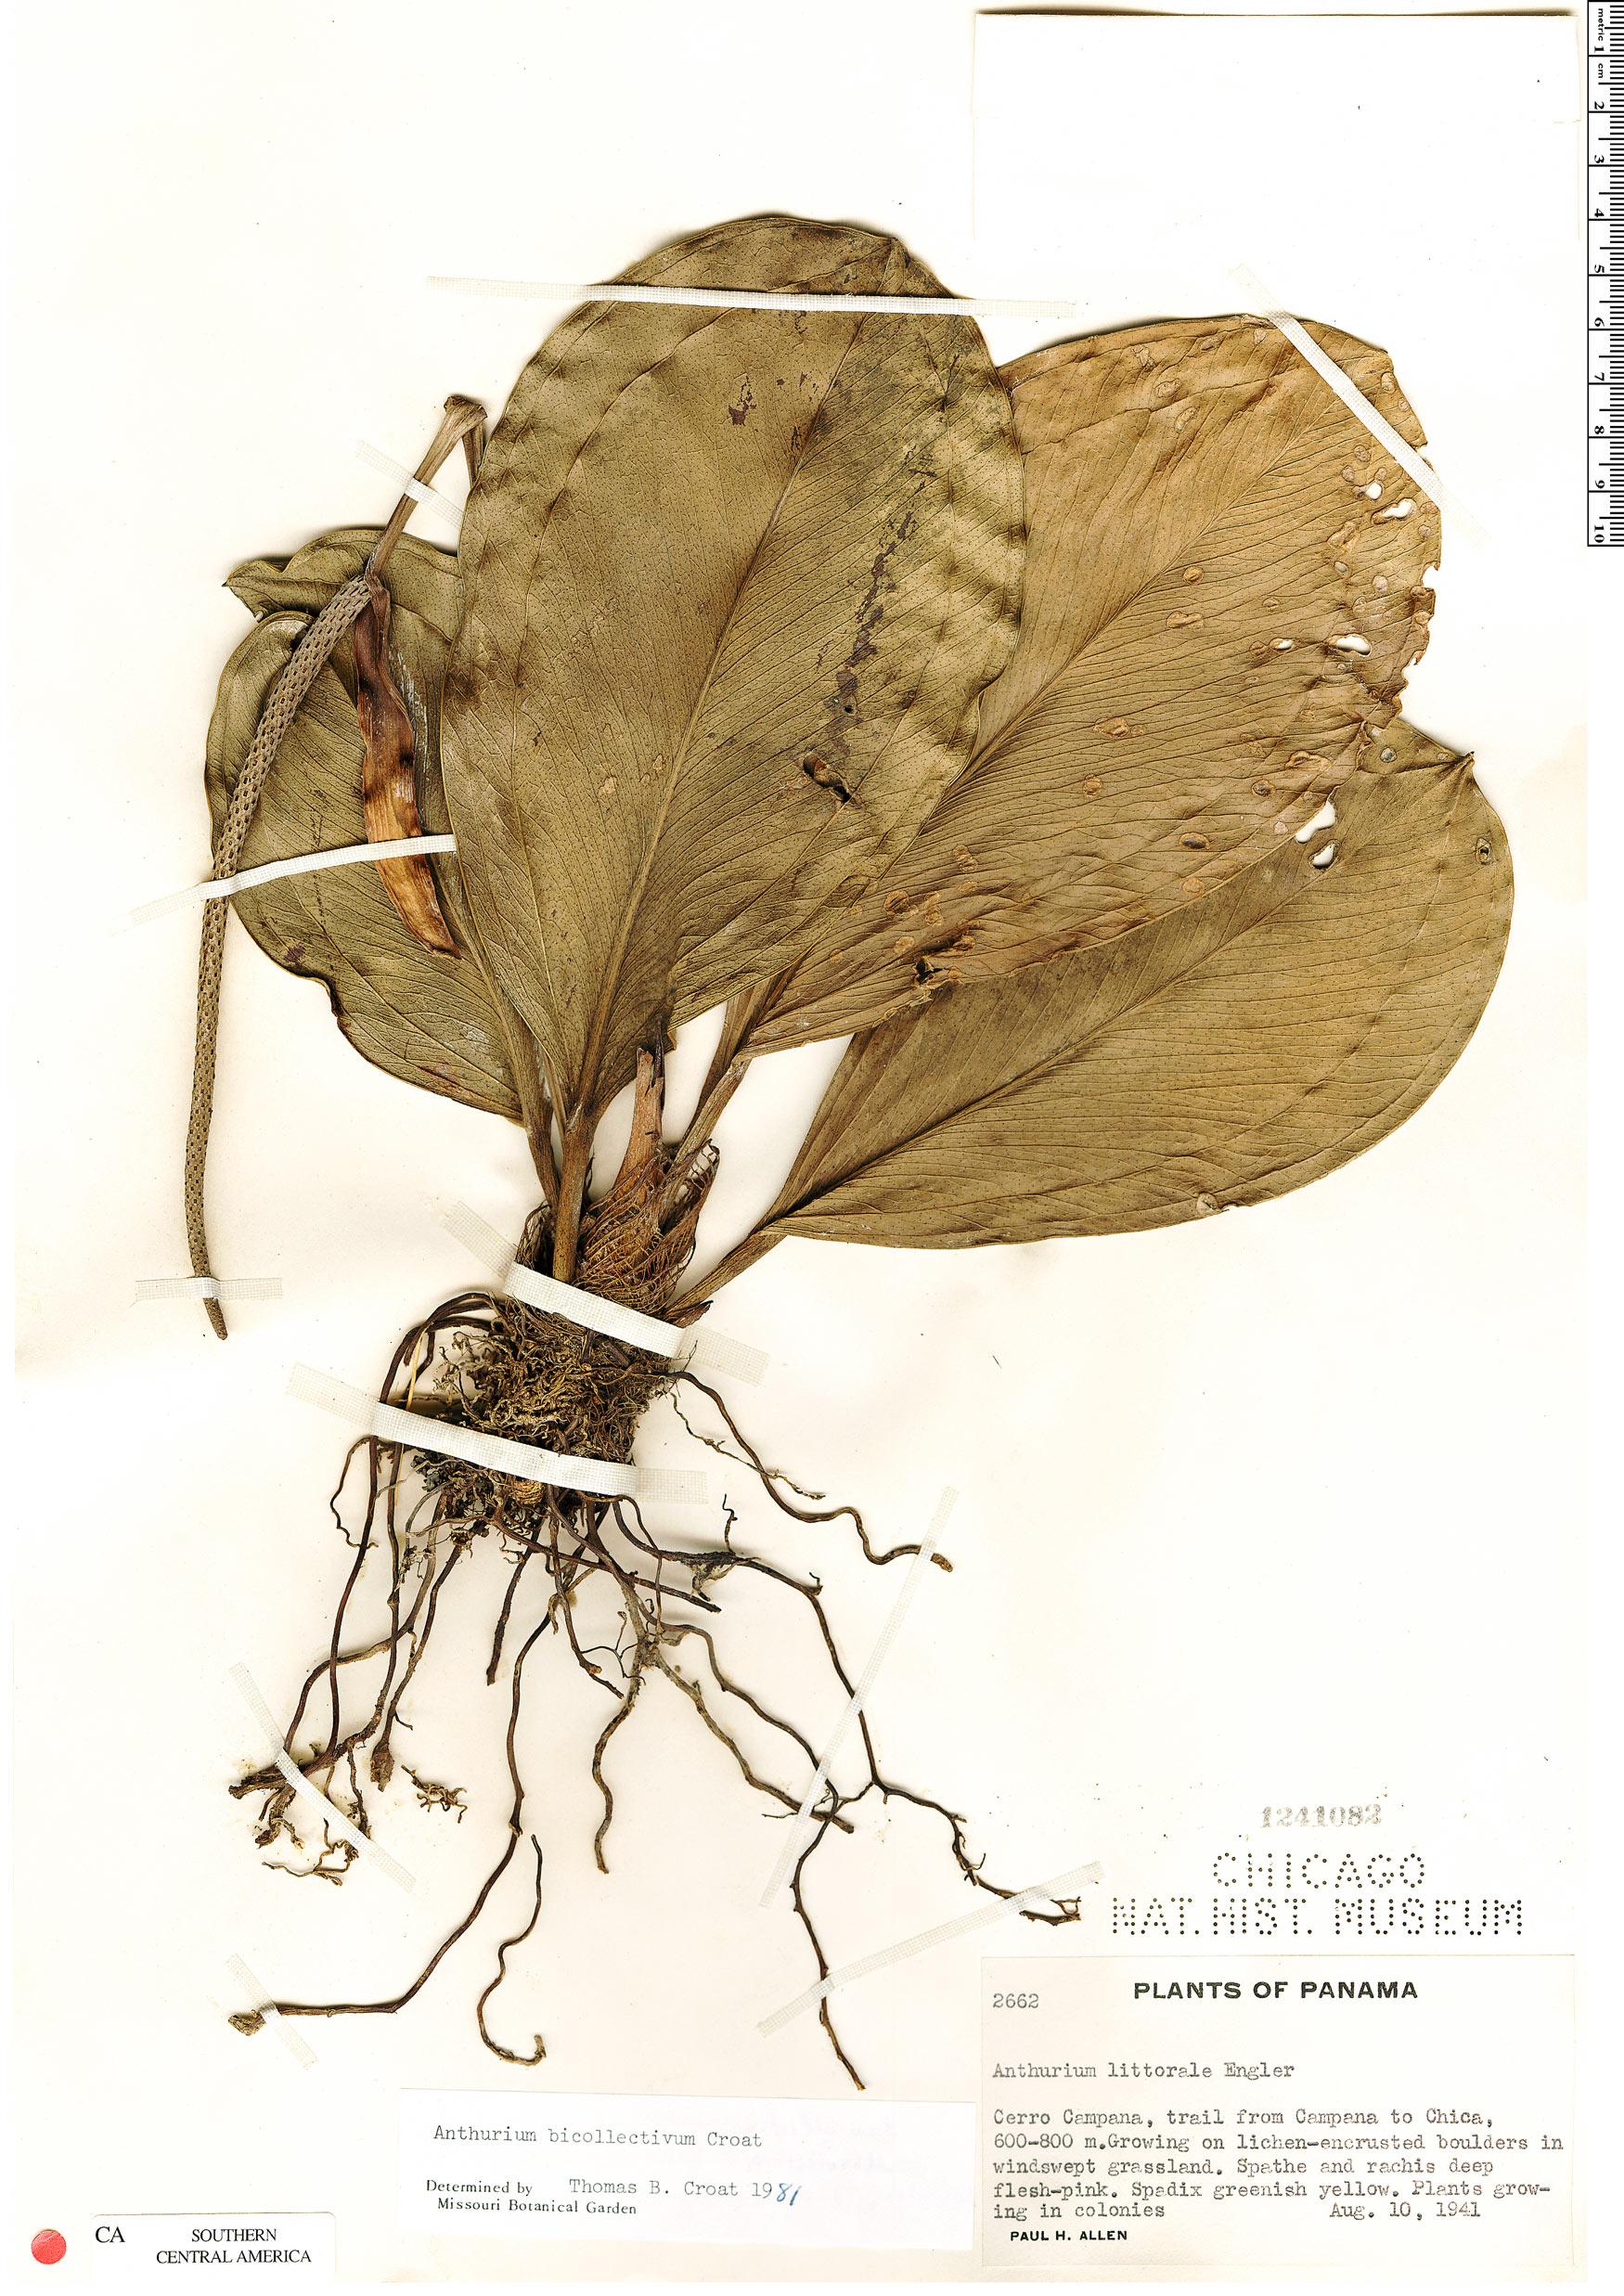 Espécimen: Anthurium bicollectivum